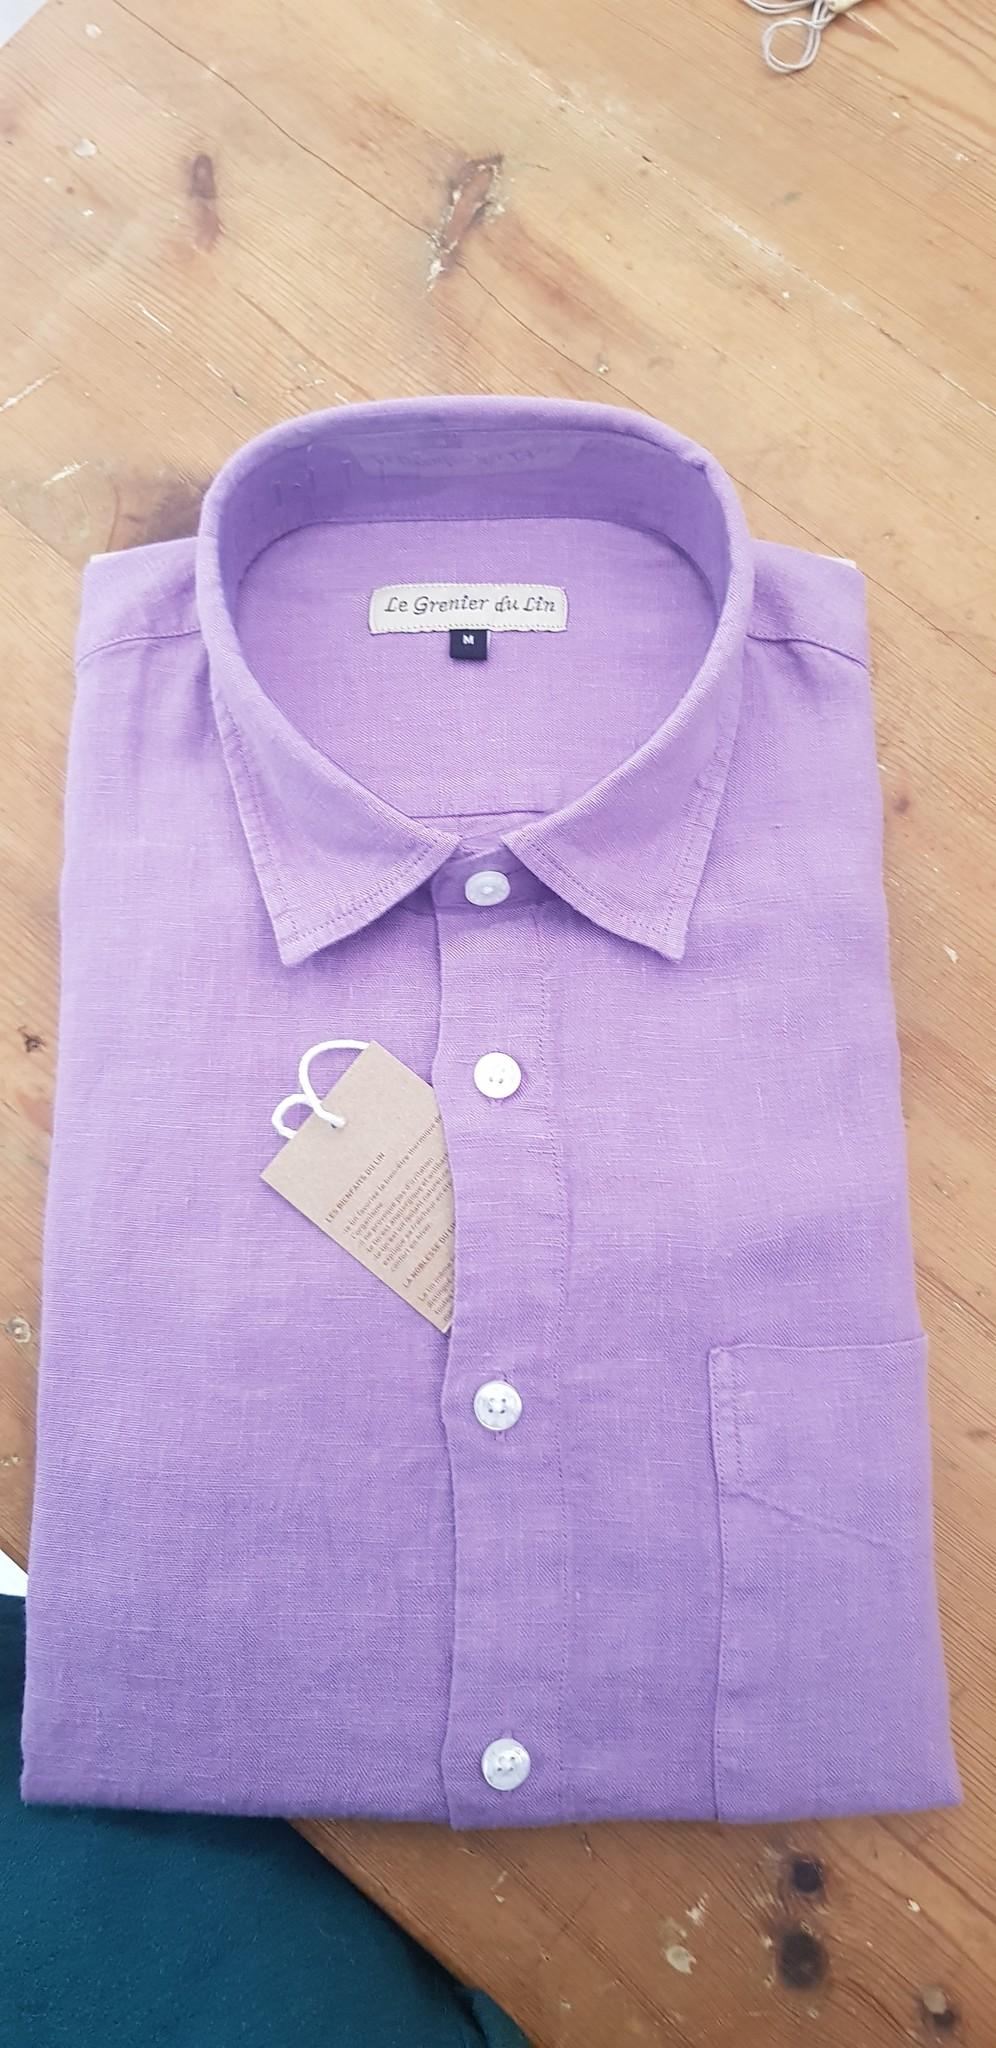 Le grenier du lin Chemise manches longues lilas